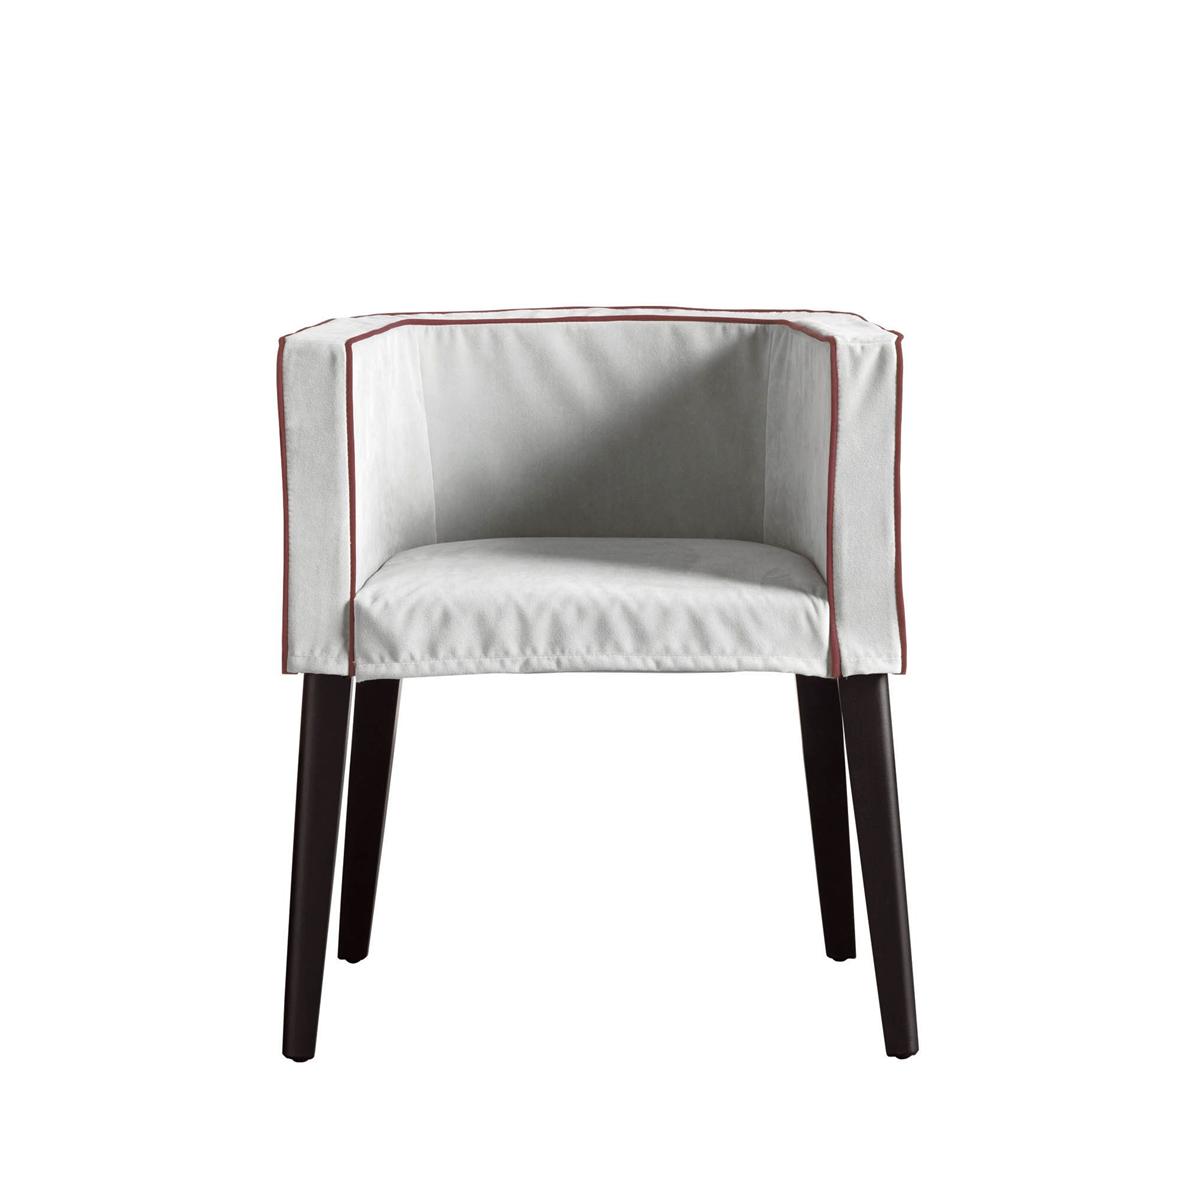 Family chair / Low - на 360.ru: цены, описание, характеристики, где купить в Москве.